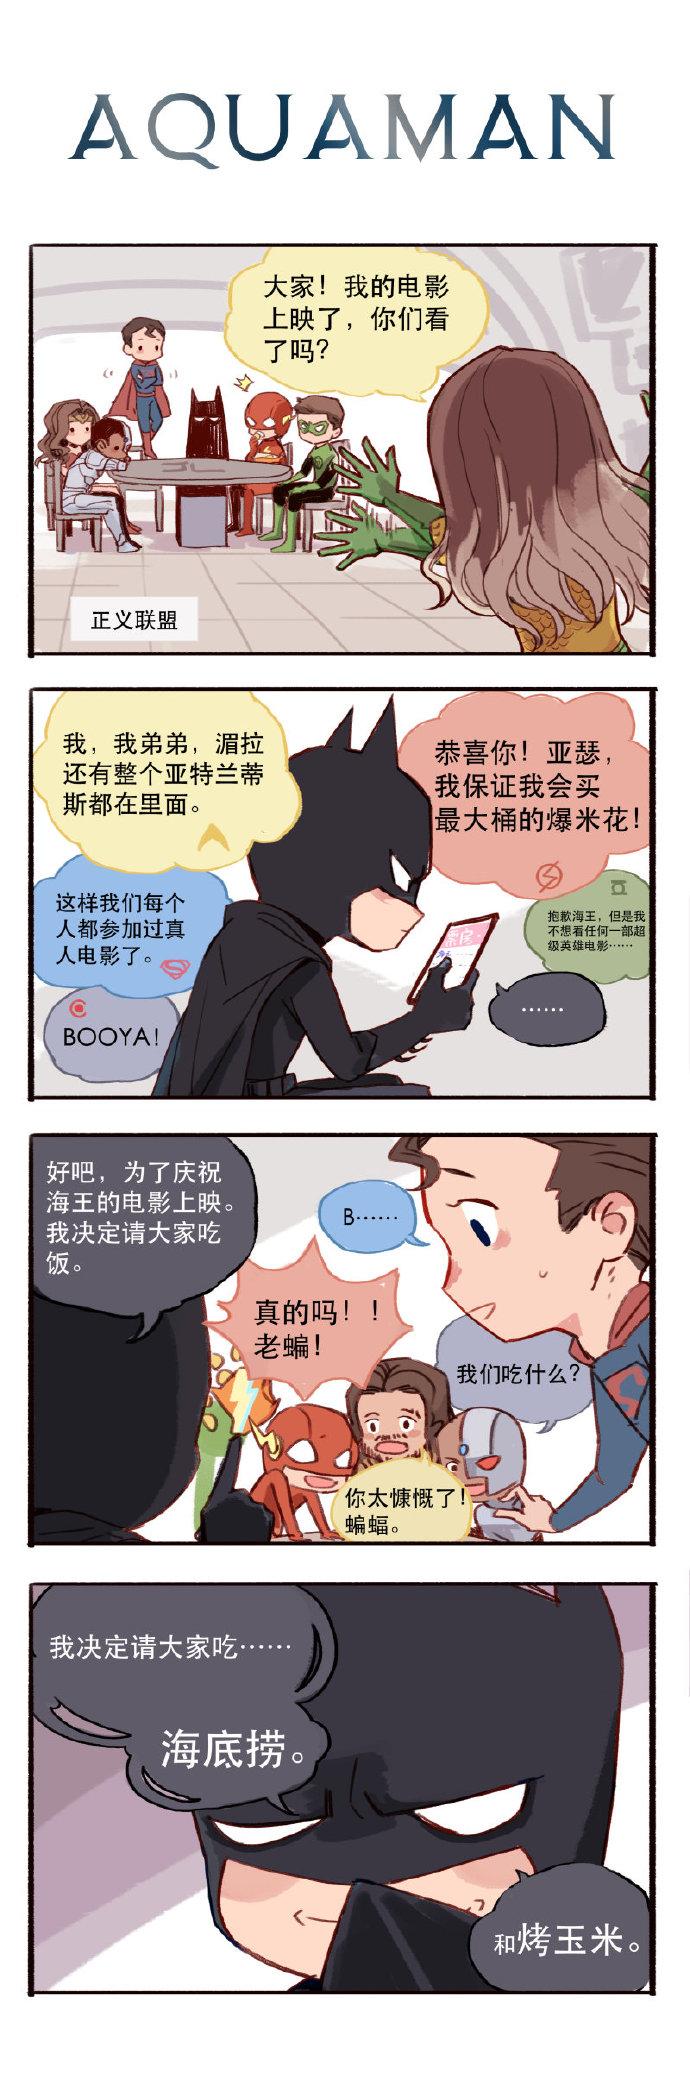 可愛的DC水行俠日常漫畫  917eab10